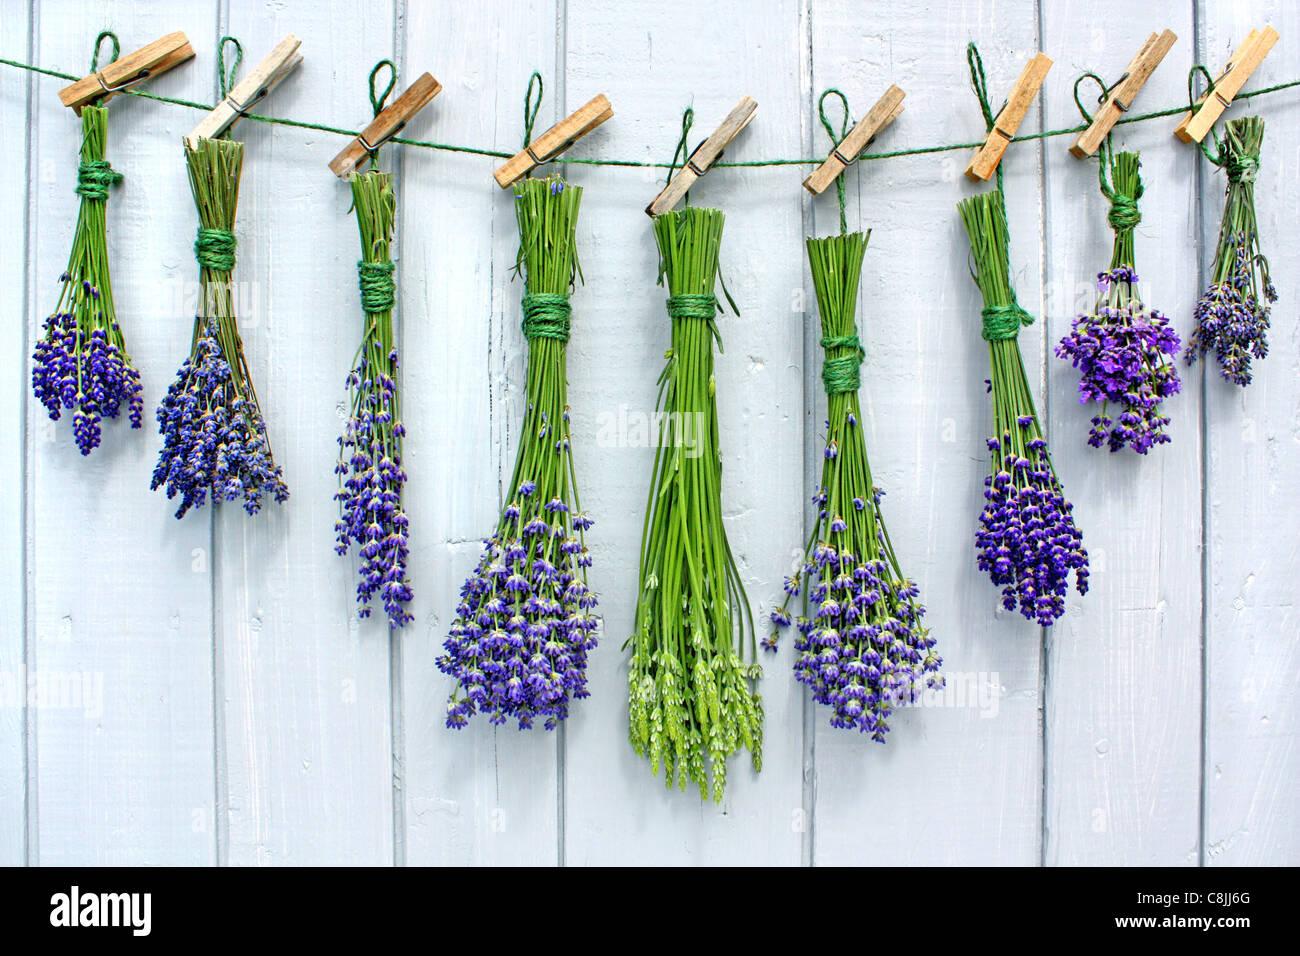 lavender-C8JJ6G.jpg